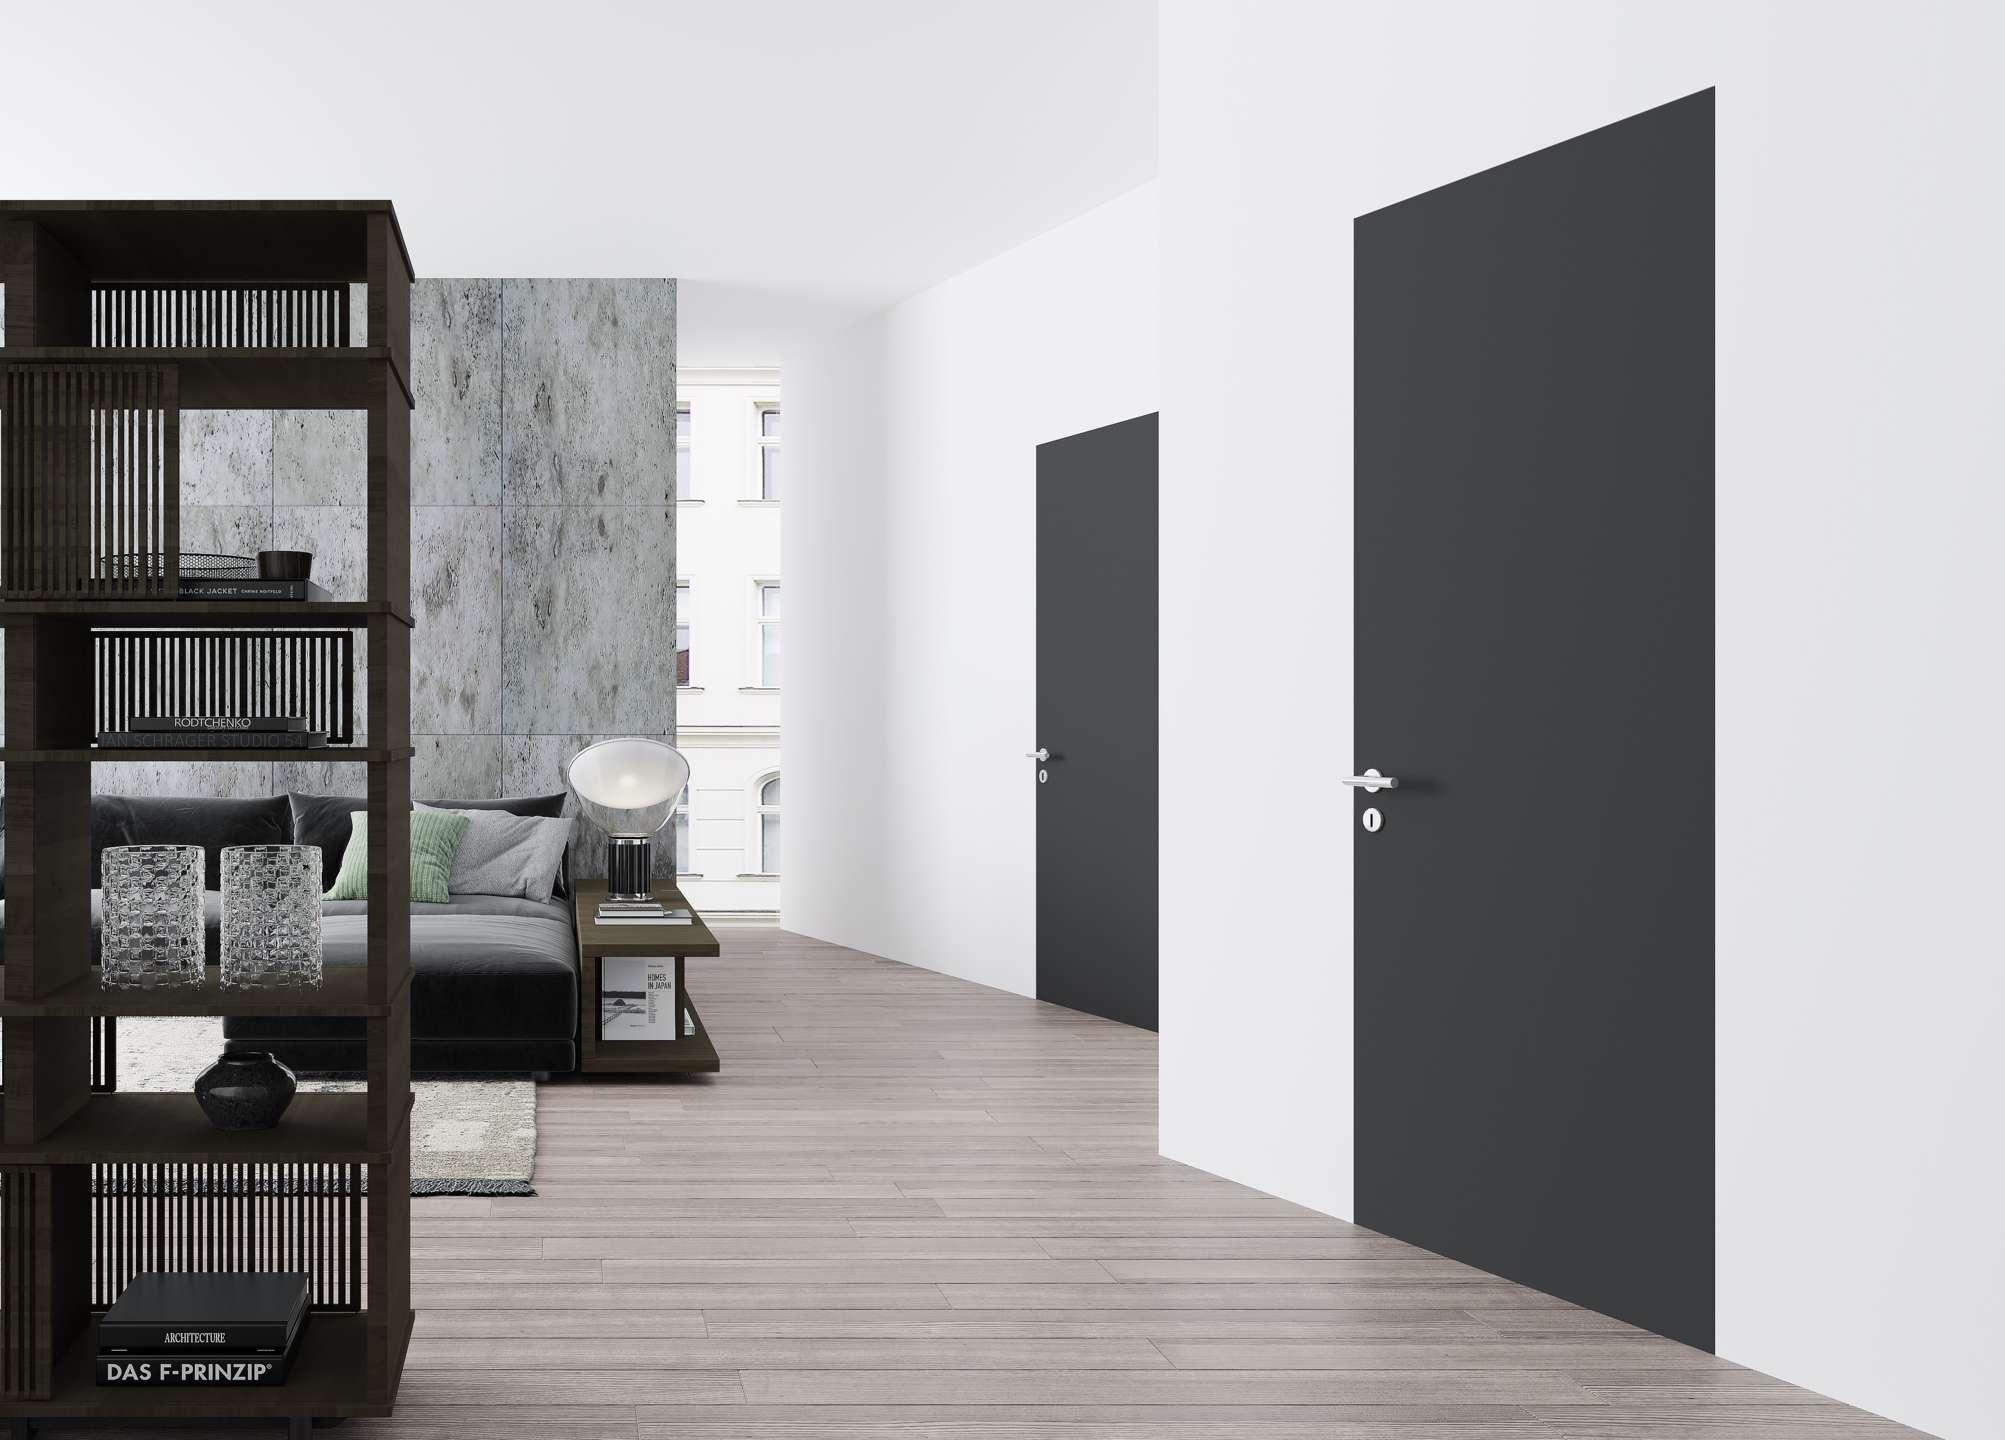 porte raso muro, Porte raso muro: eleganti e minimal